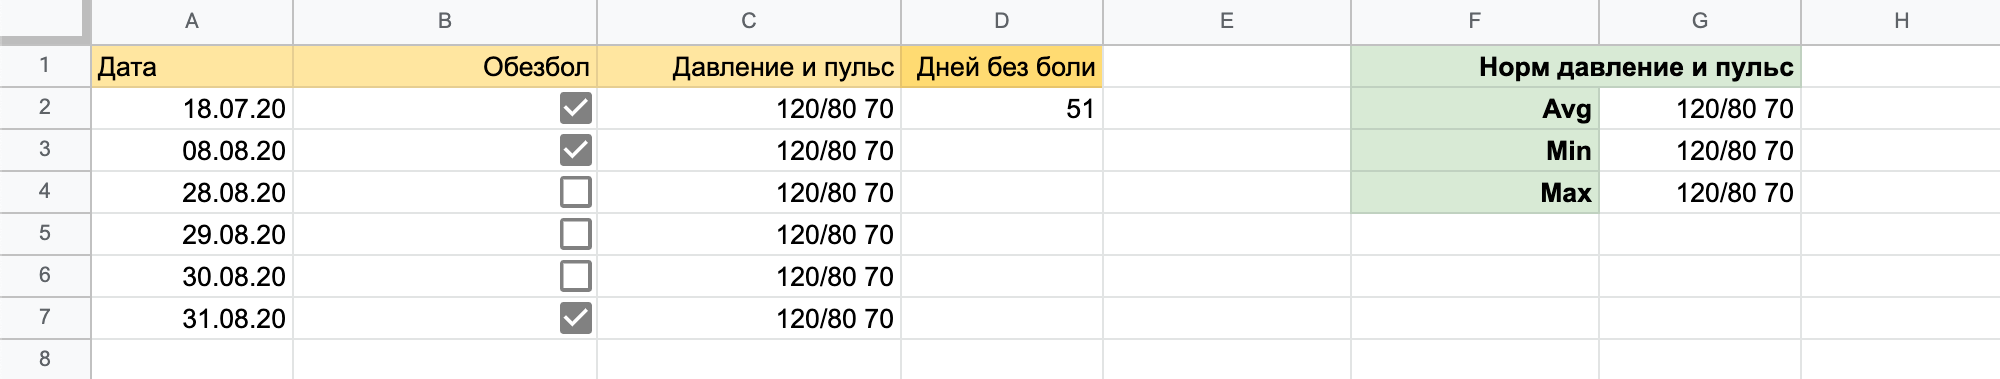 Так выглядит таблица. Я изменил данные, чтобы не провоцировать экспертов по давлению